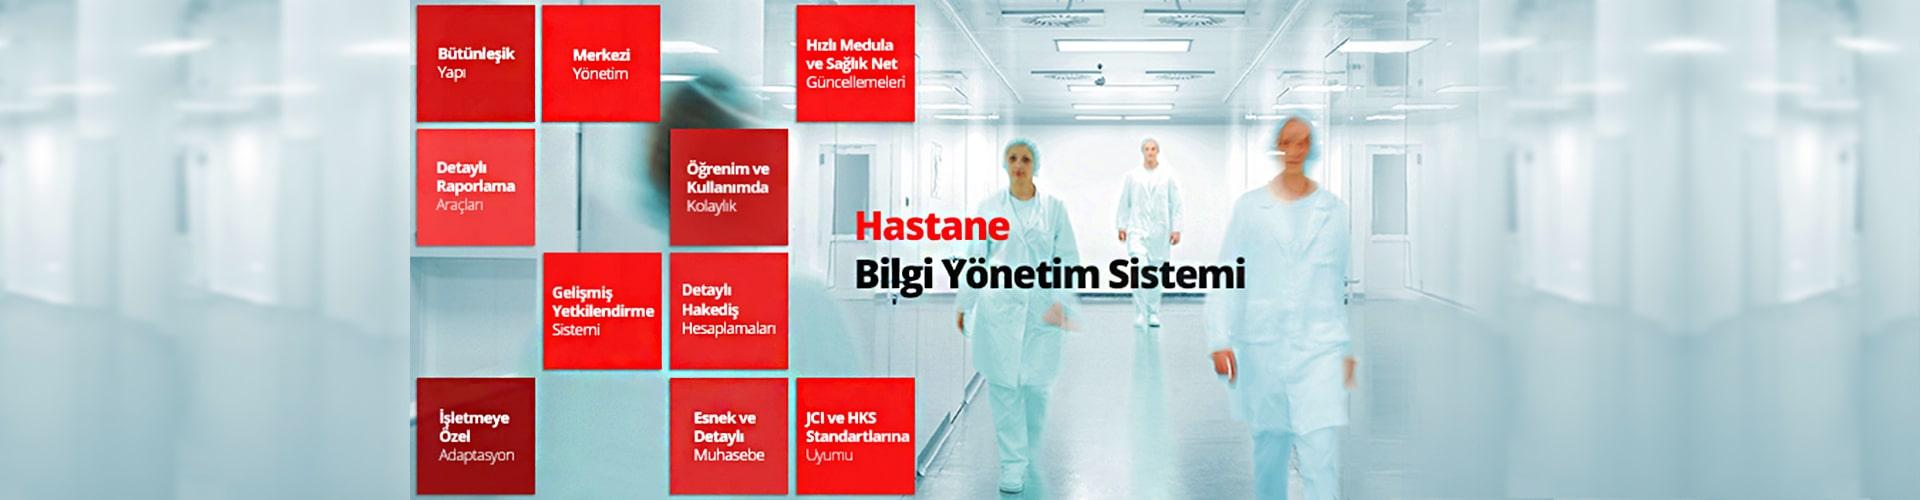 medisoft hastane bilgi yönetim sistemi